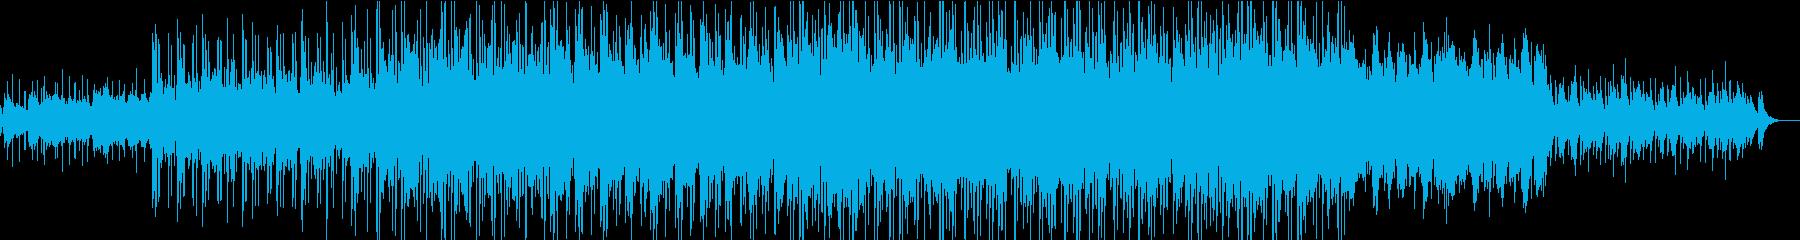 物悲しげで居ながら優しい音色のLo-Fiの再生済みの波形